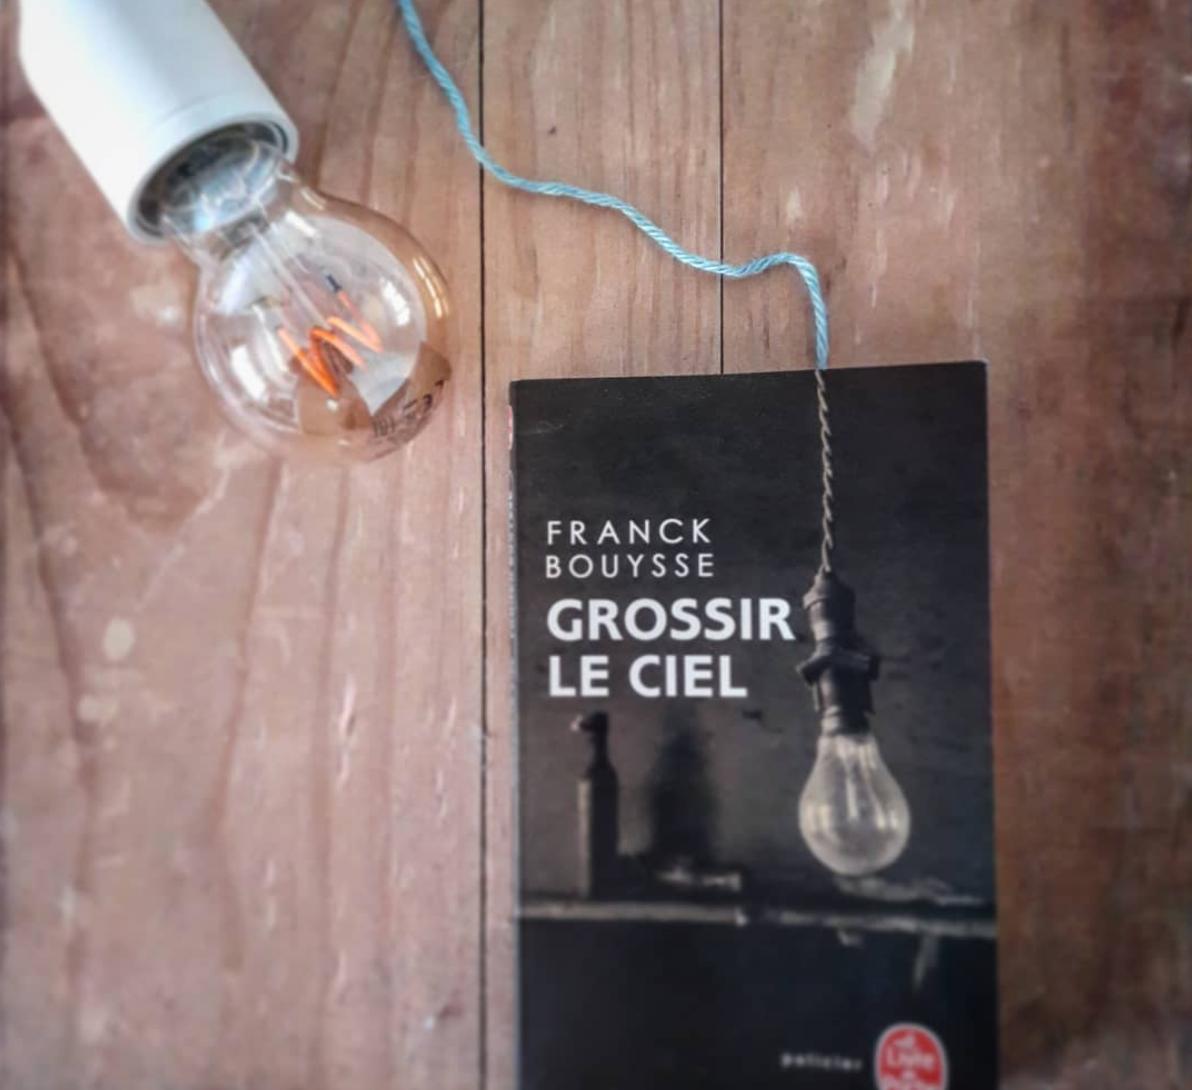 Franck Bouysse, Le livre de poche, 2016